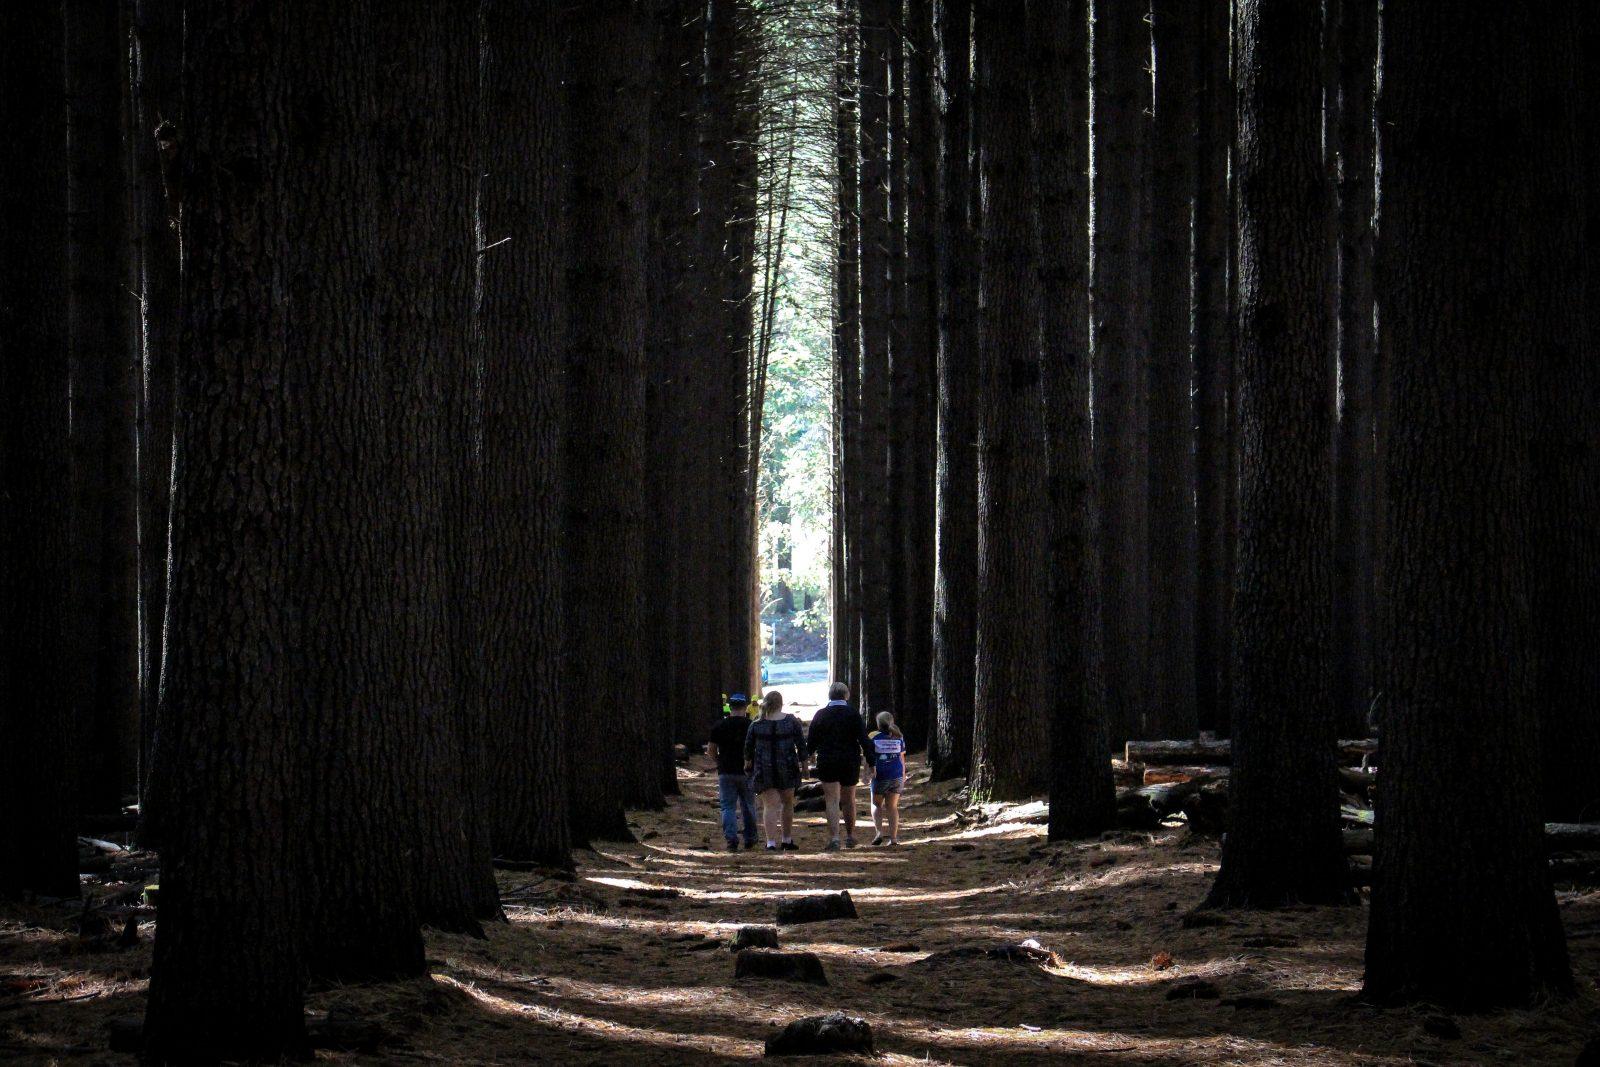 Sugar Pine Walk, Bago State Forest